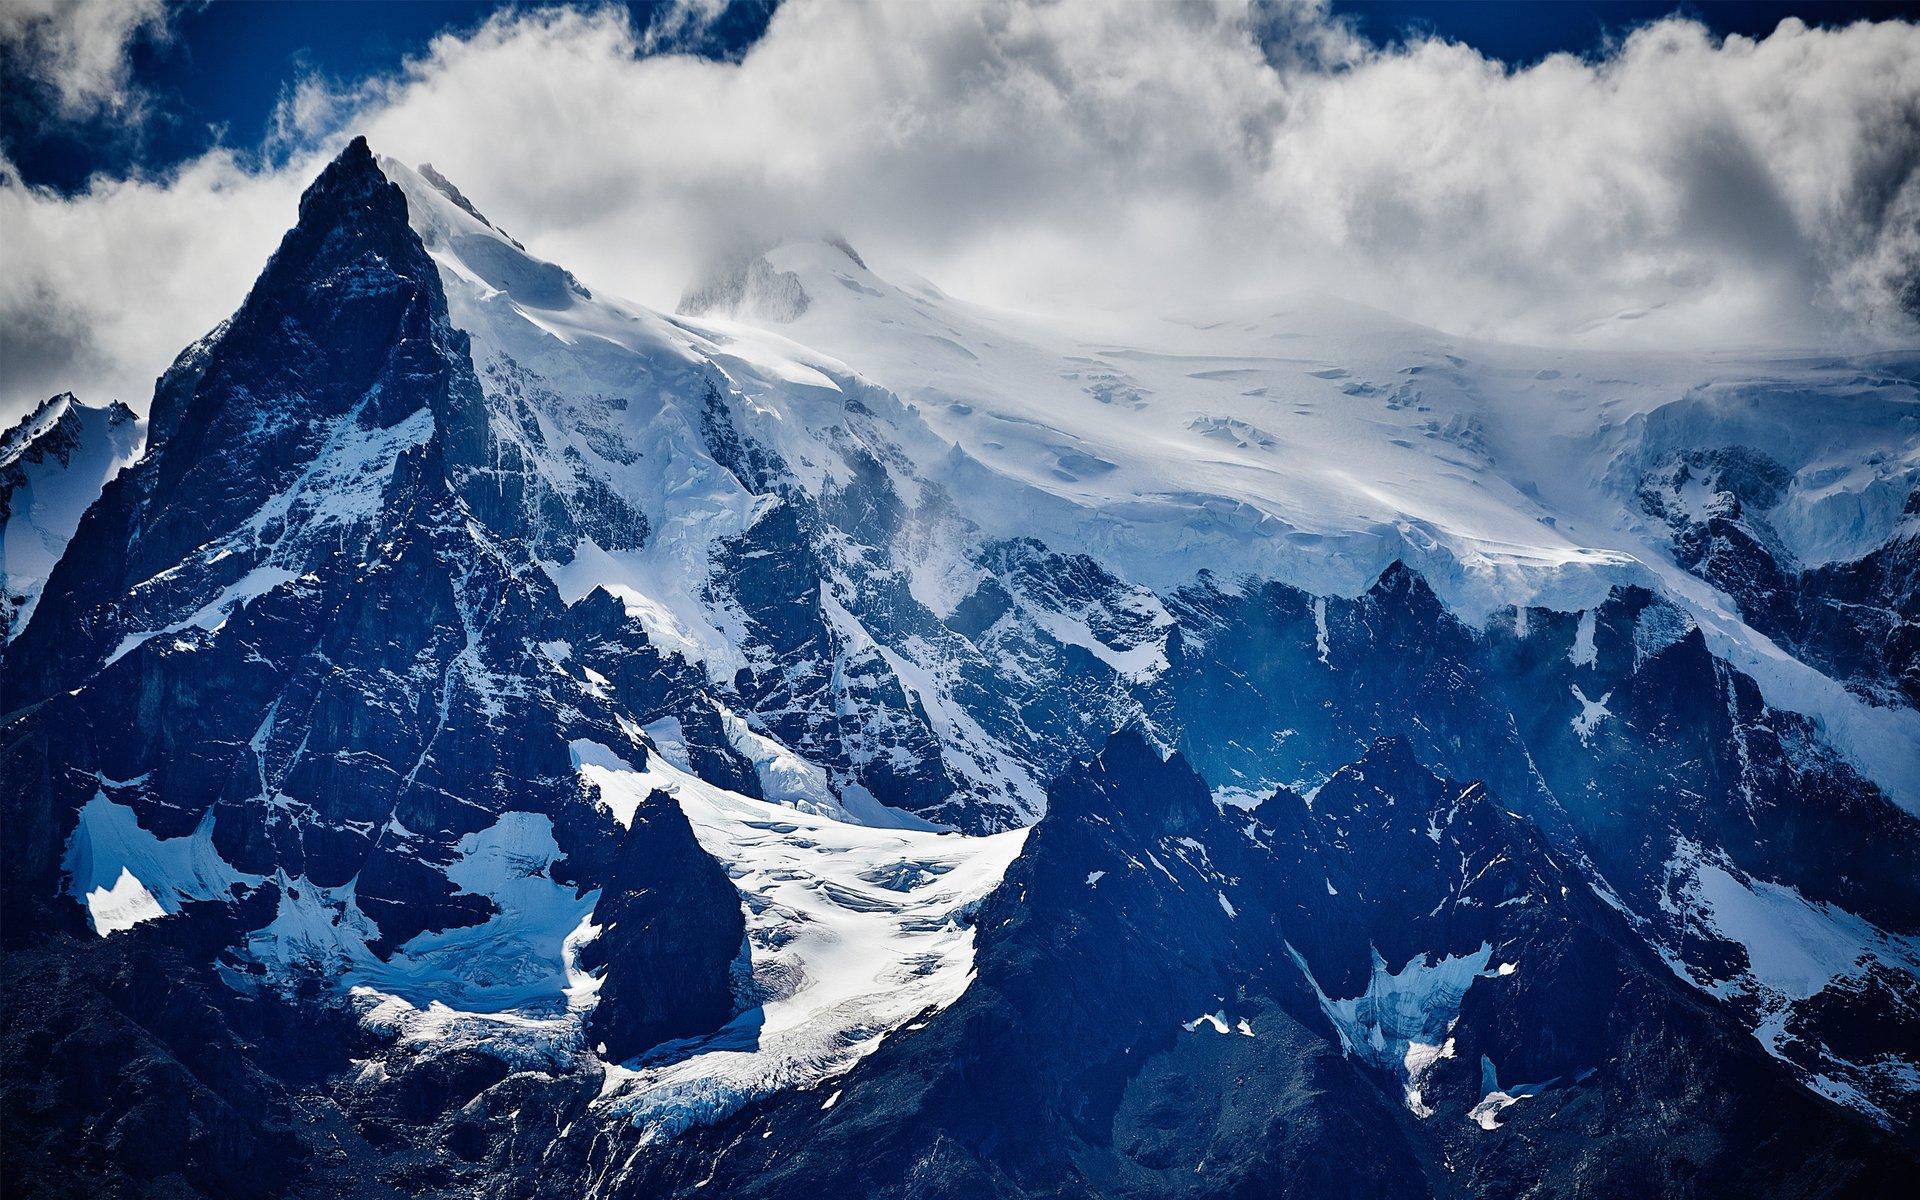 много как фотографировать снежные горы печенье картинки